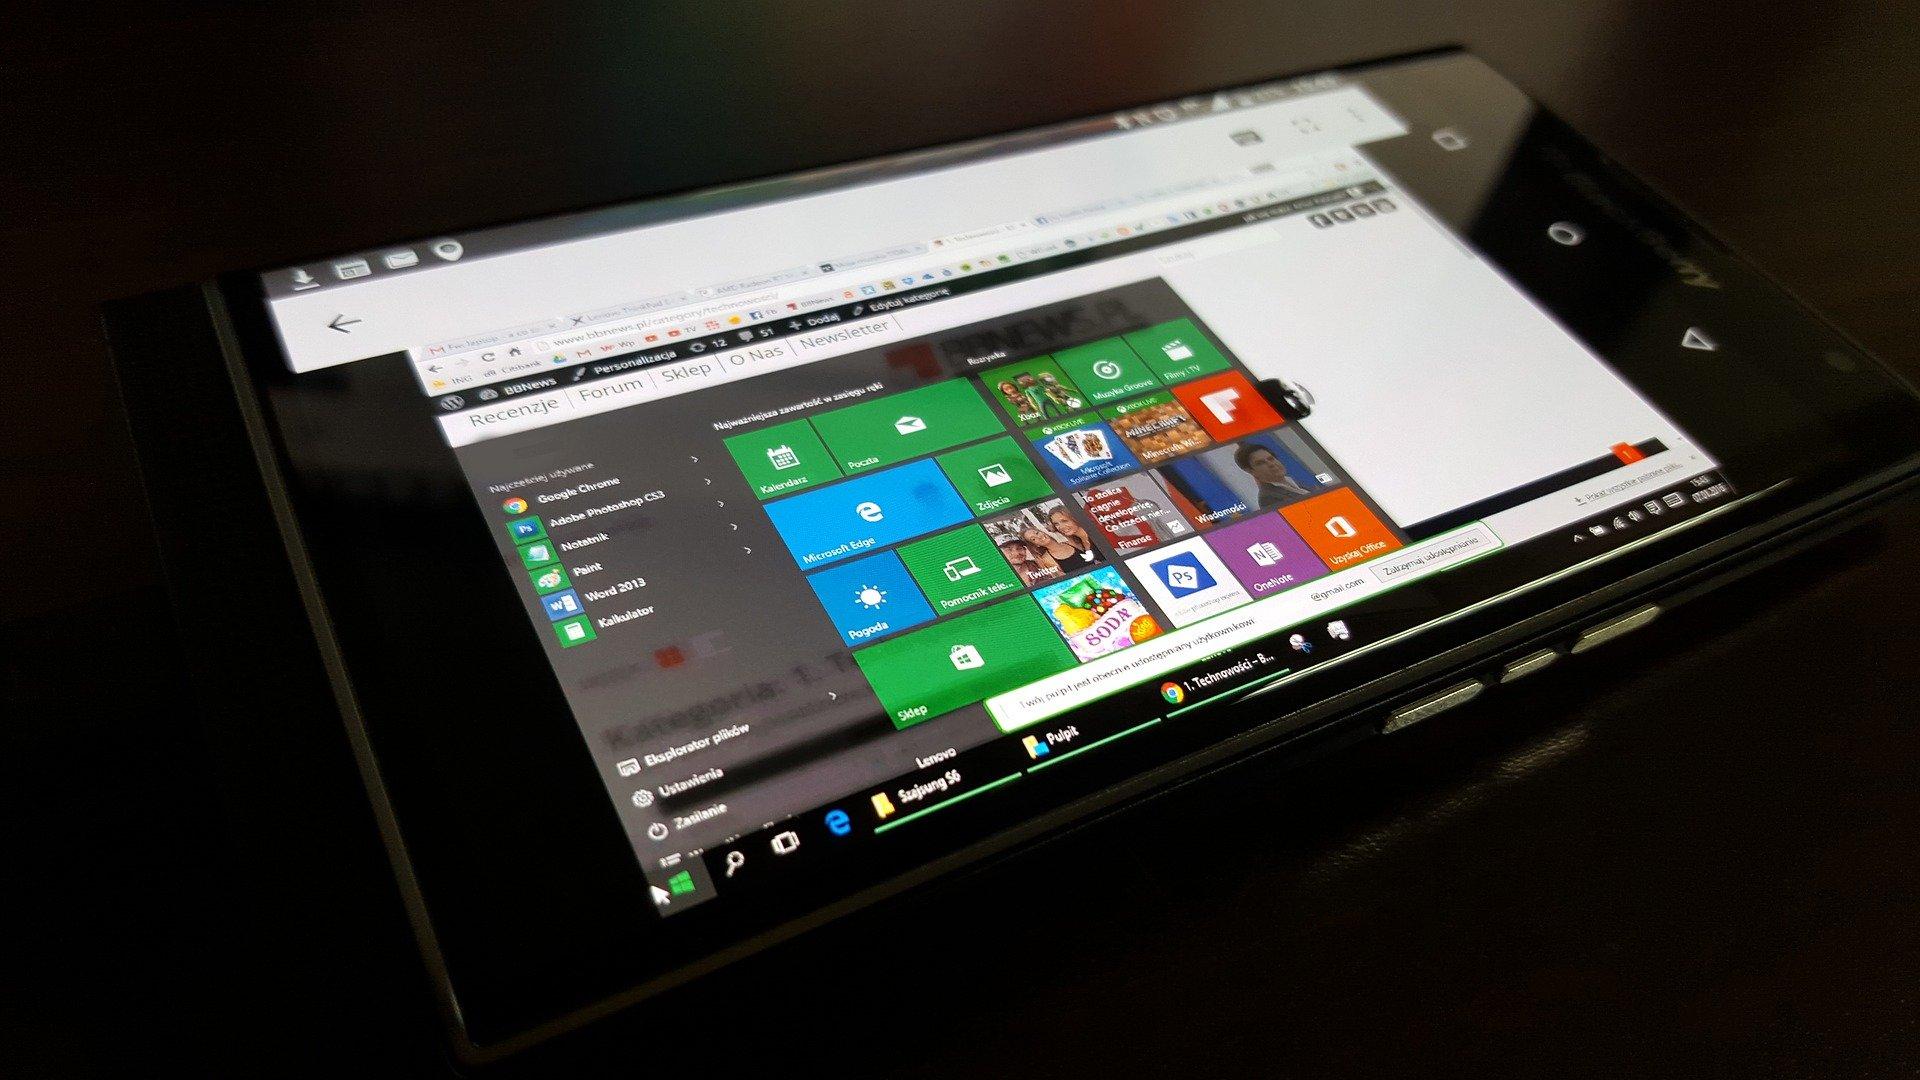 windows10 inplace upgrade ftimg